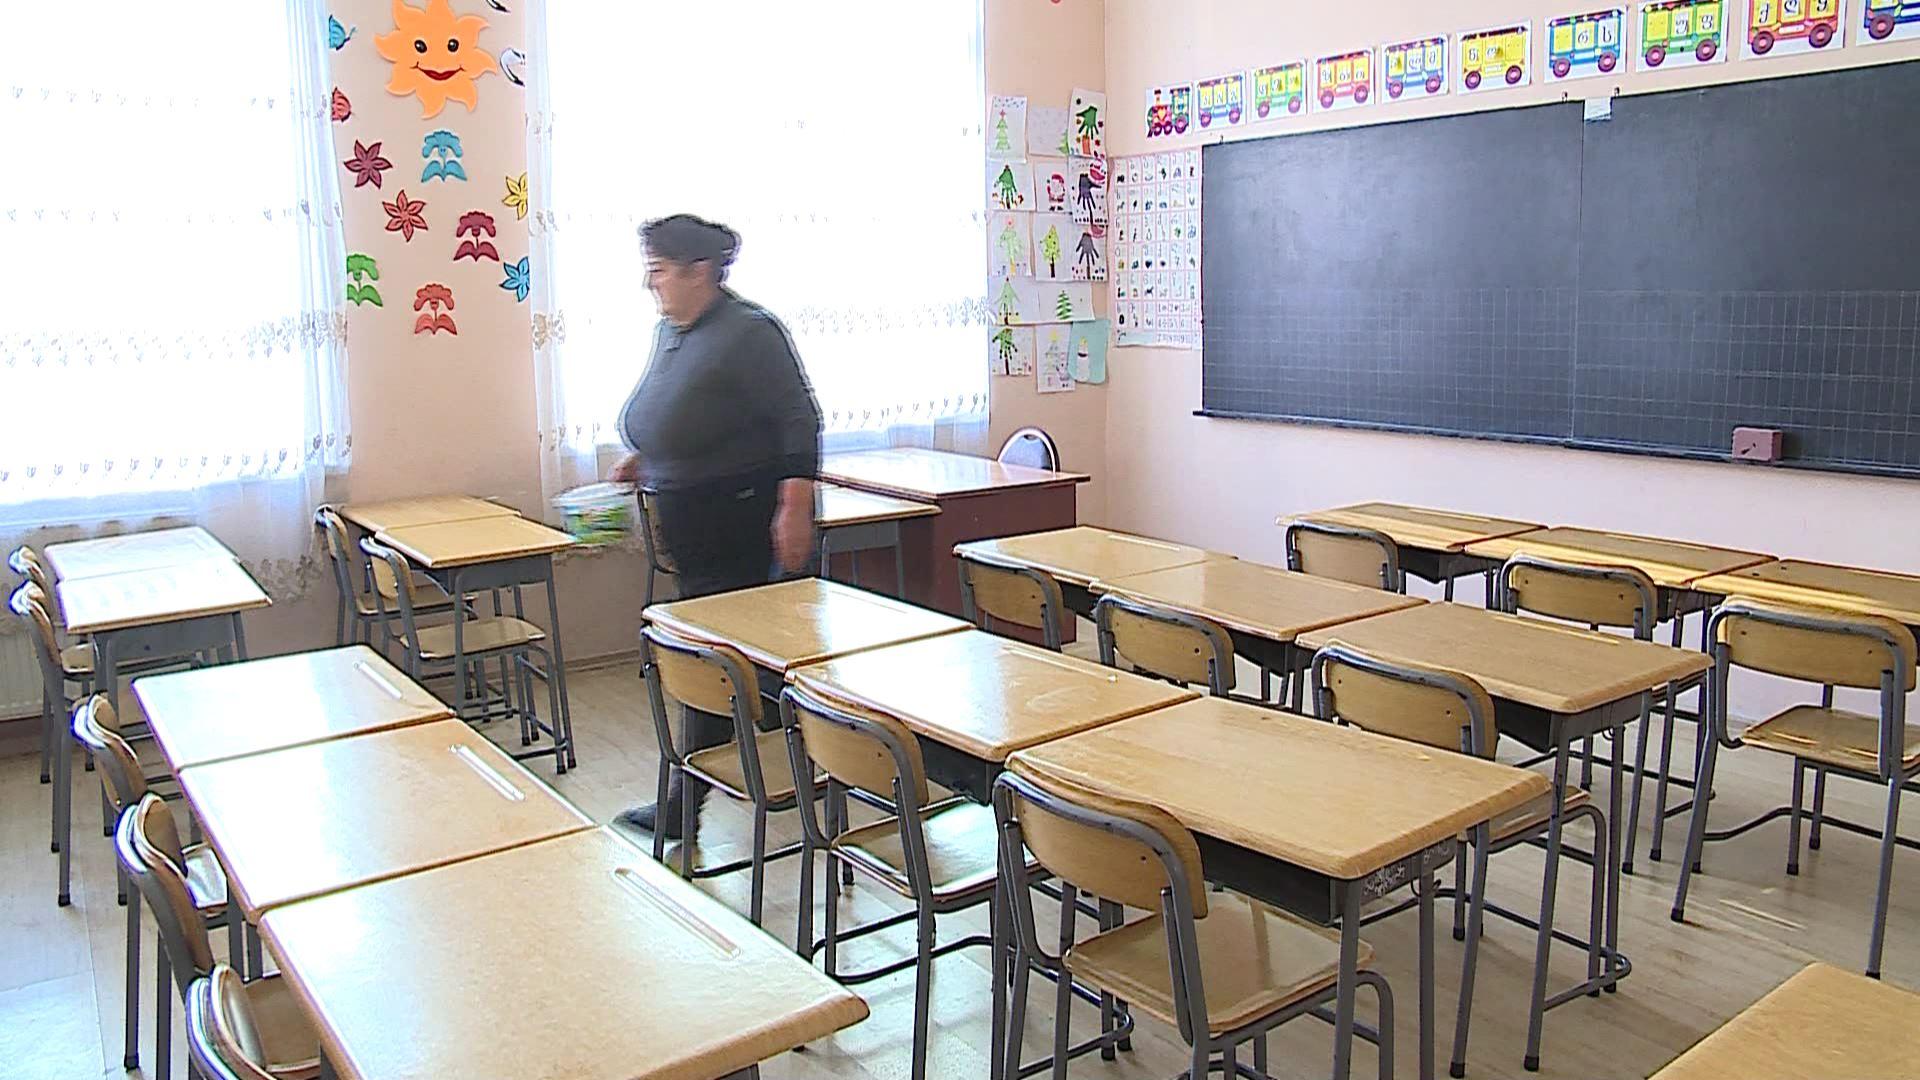 გრიპის ვირუსის გამო საჯარო სკოლებში სადეზინფექციო სამუშაოები დაიწყო